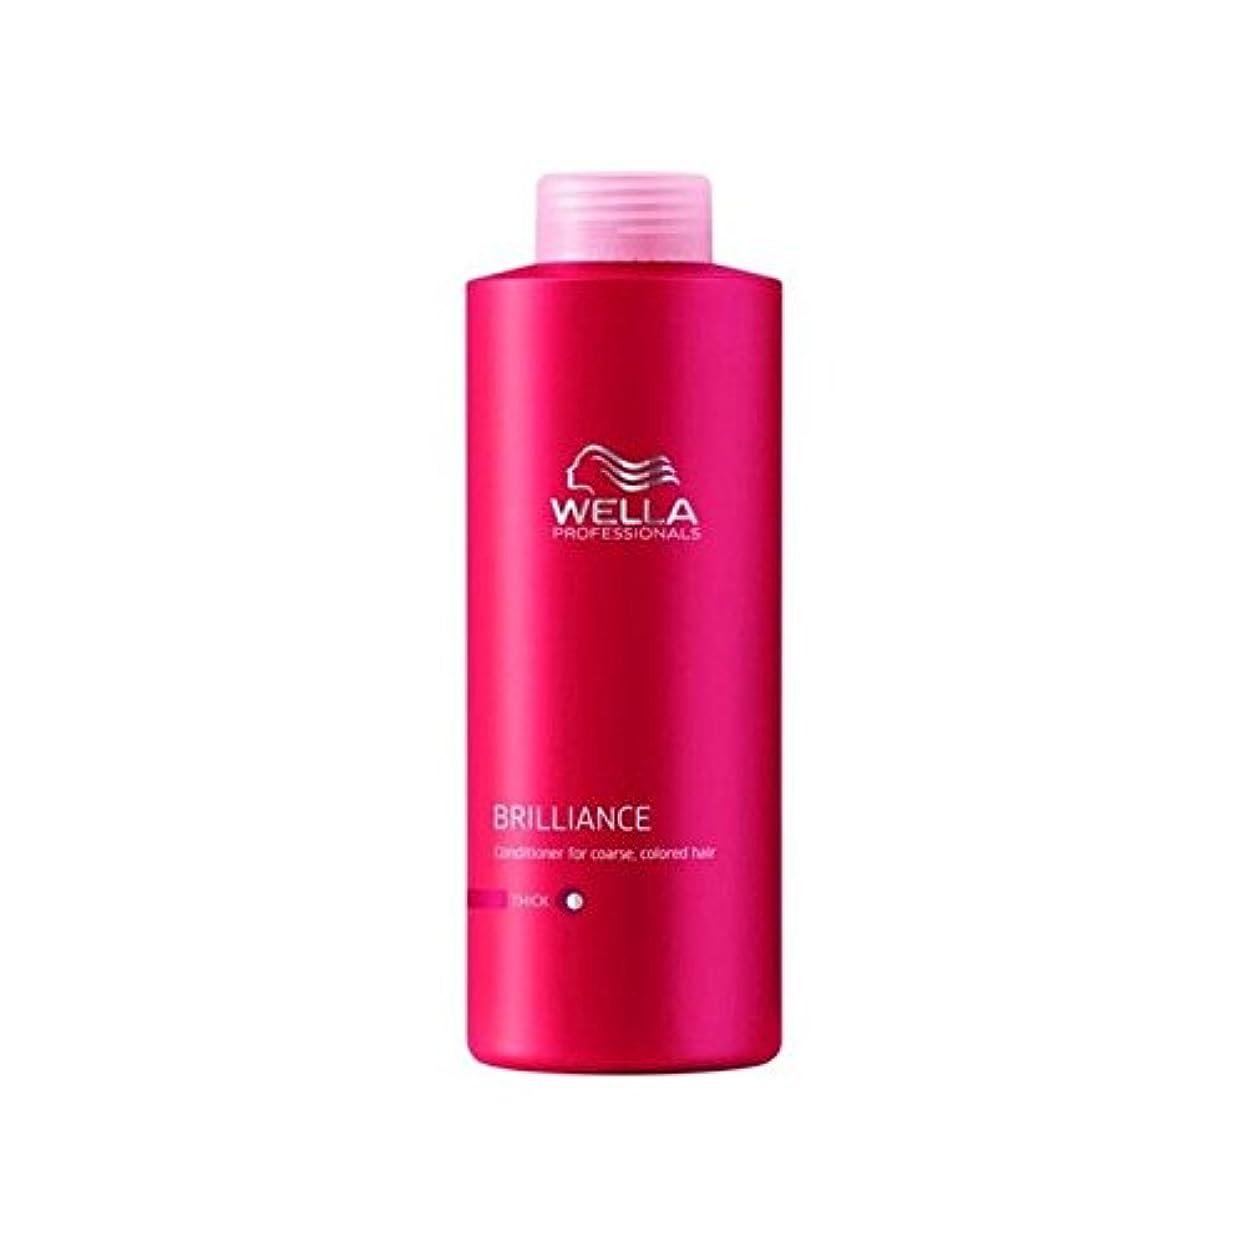 楽しませる雇う安全ウェラの専門家は粗いコンディショナー(千ミリリットル)をブリリアンス x4 - Wella Professionals Brilliance Coarse Conditioner (1000ml) (Pack of 4)...